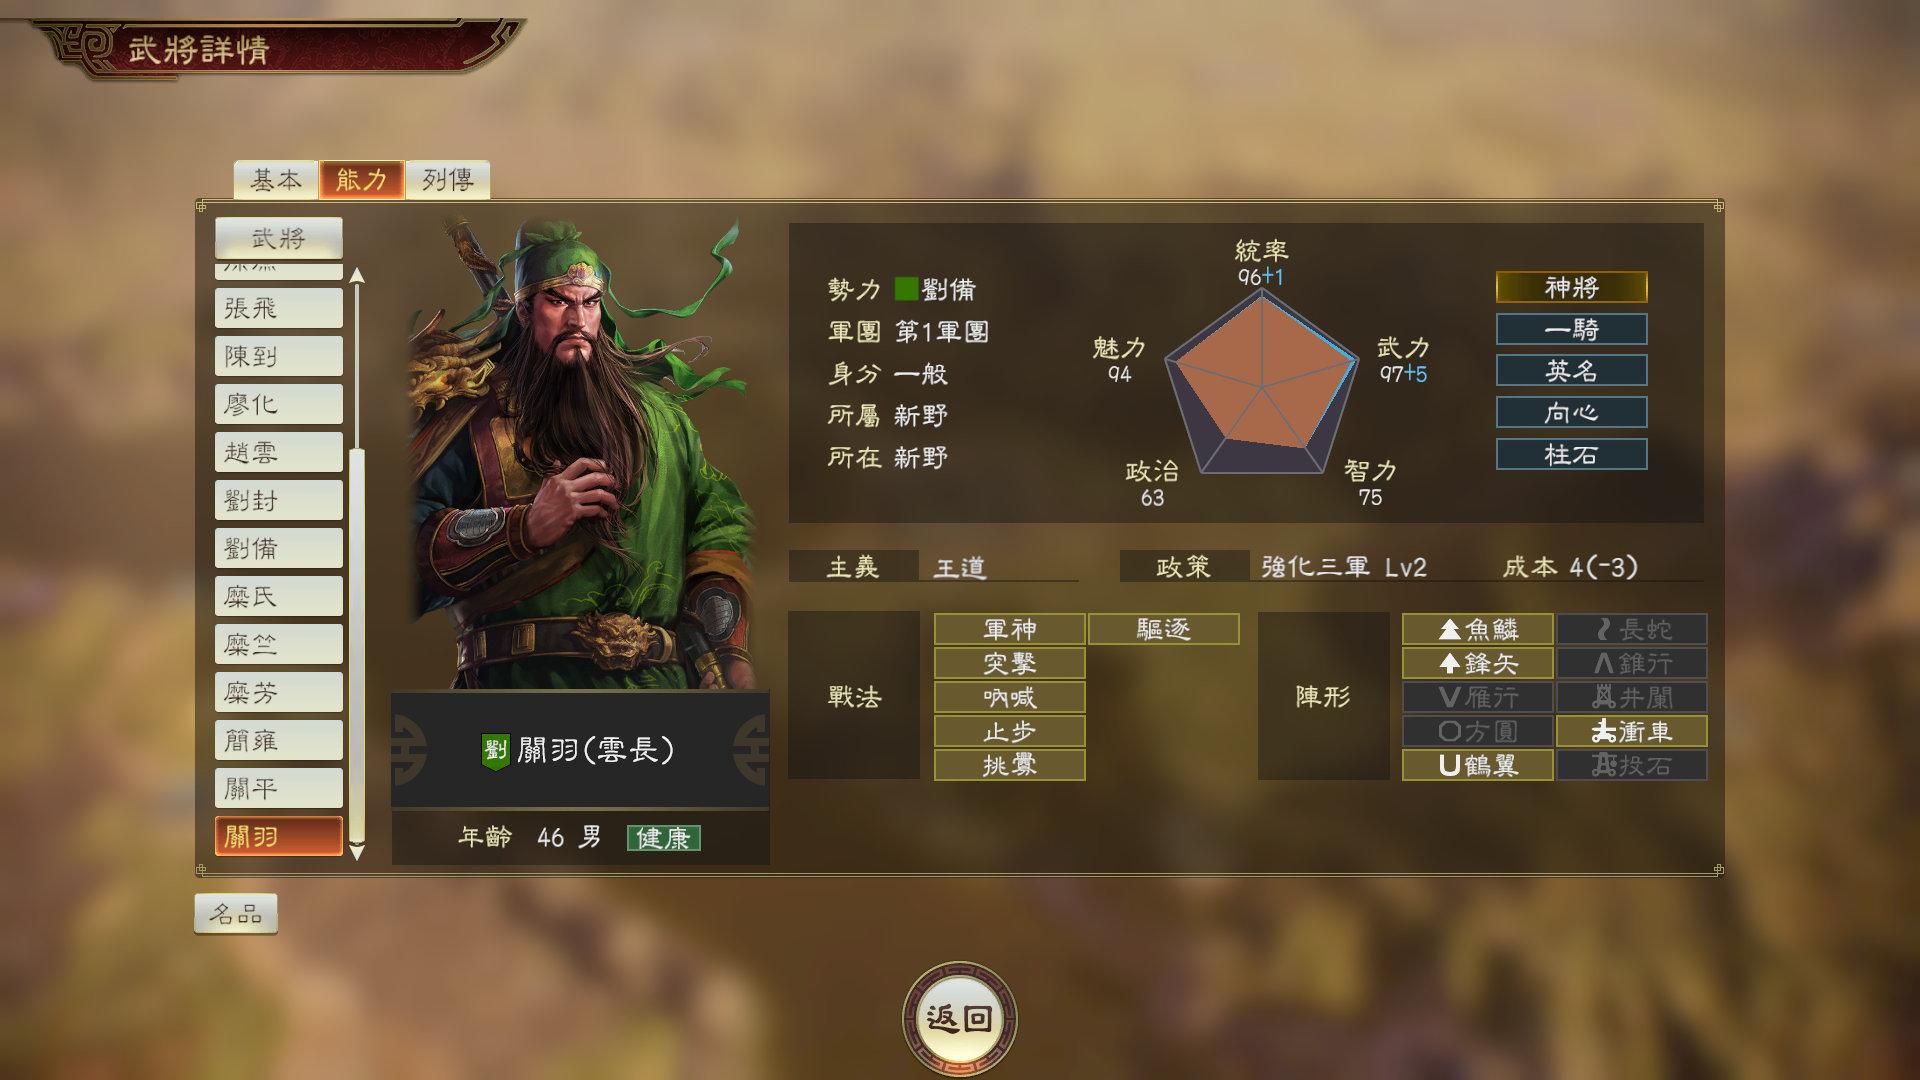 《三国志14》发布新预告 赵云、姜维等立绘公开